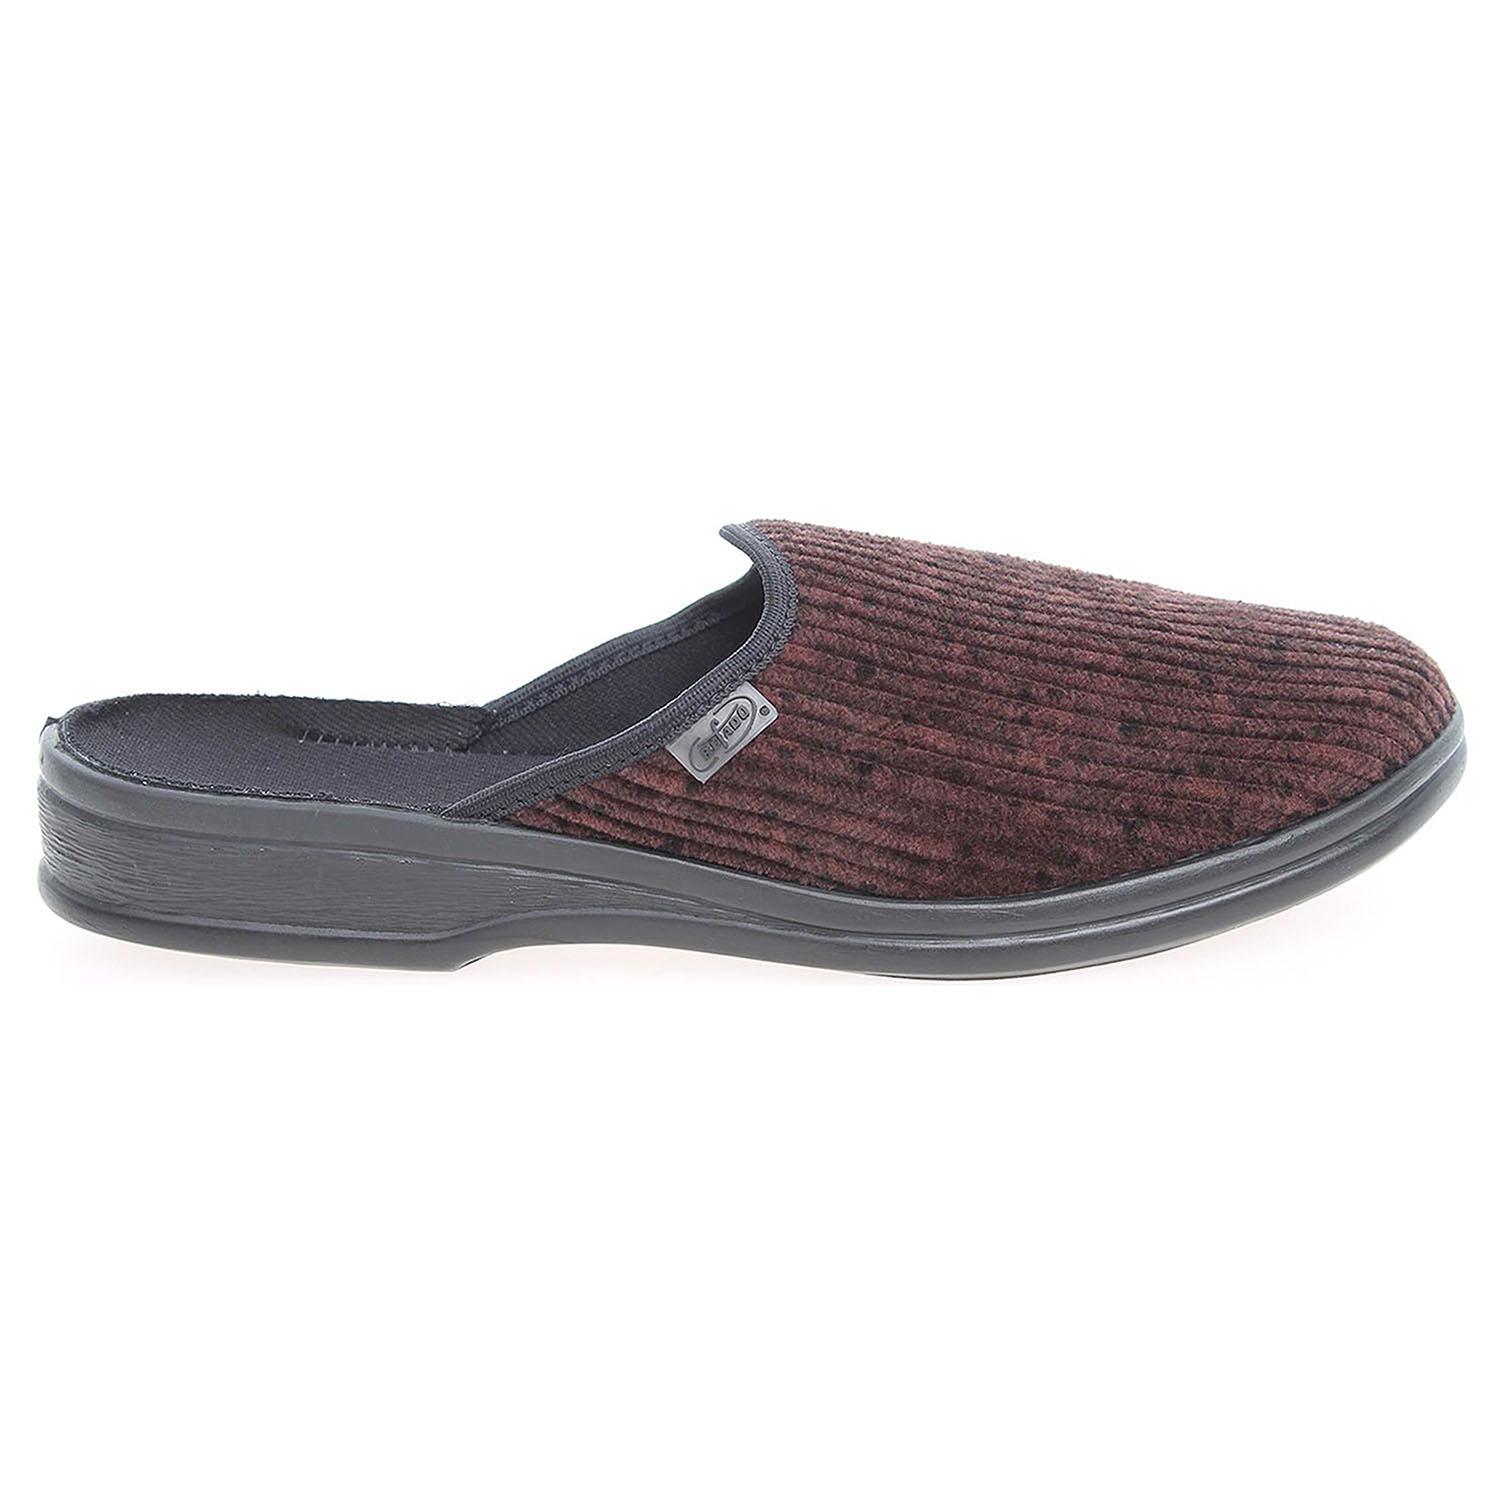 Befado pánské domácí pantofle 089M390 hnědé 42